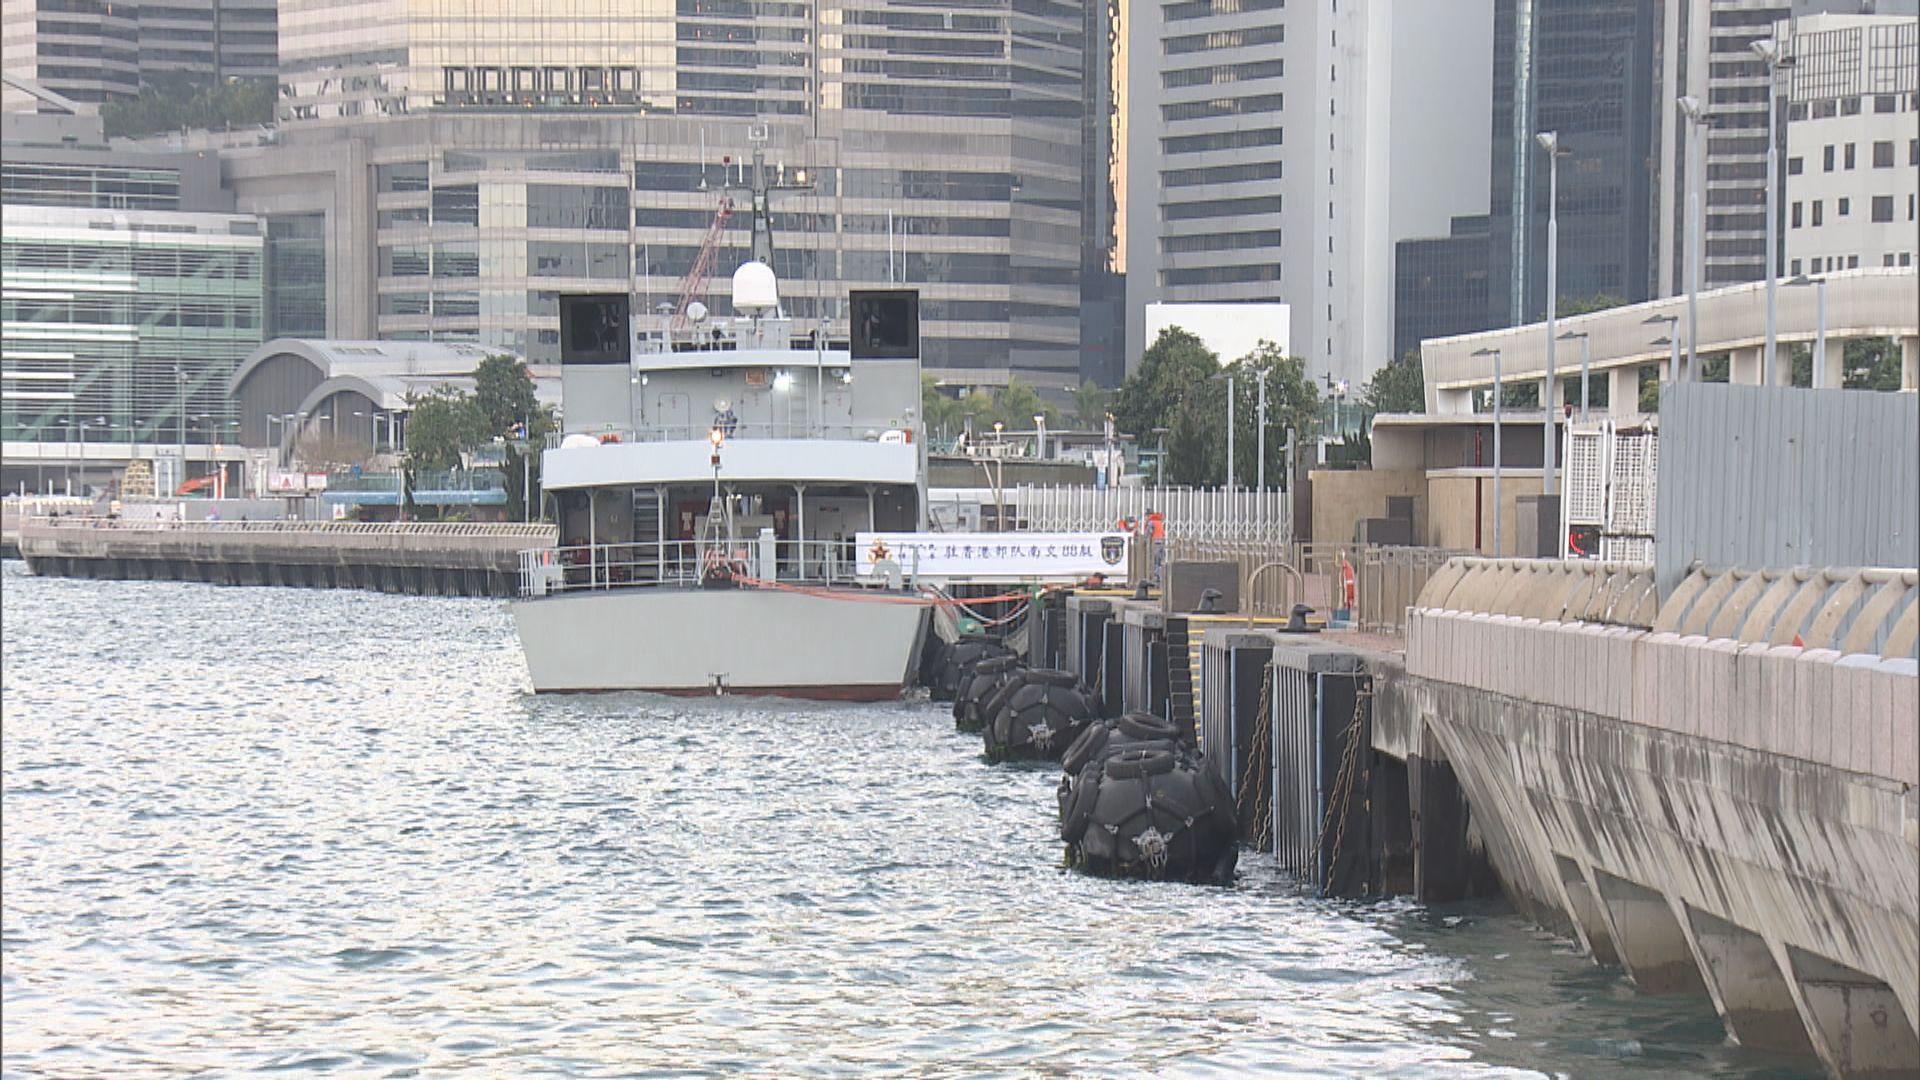 解放軍駐港部隊首次於中區軍用碼頭靠泊艦艇